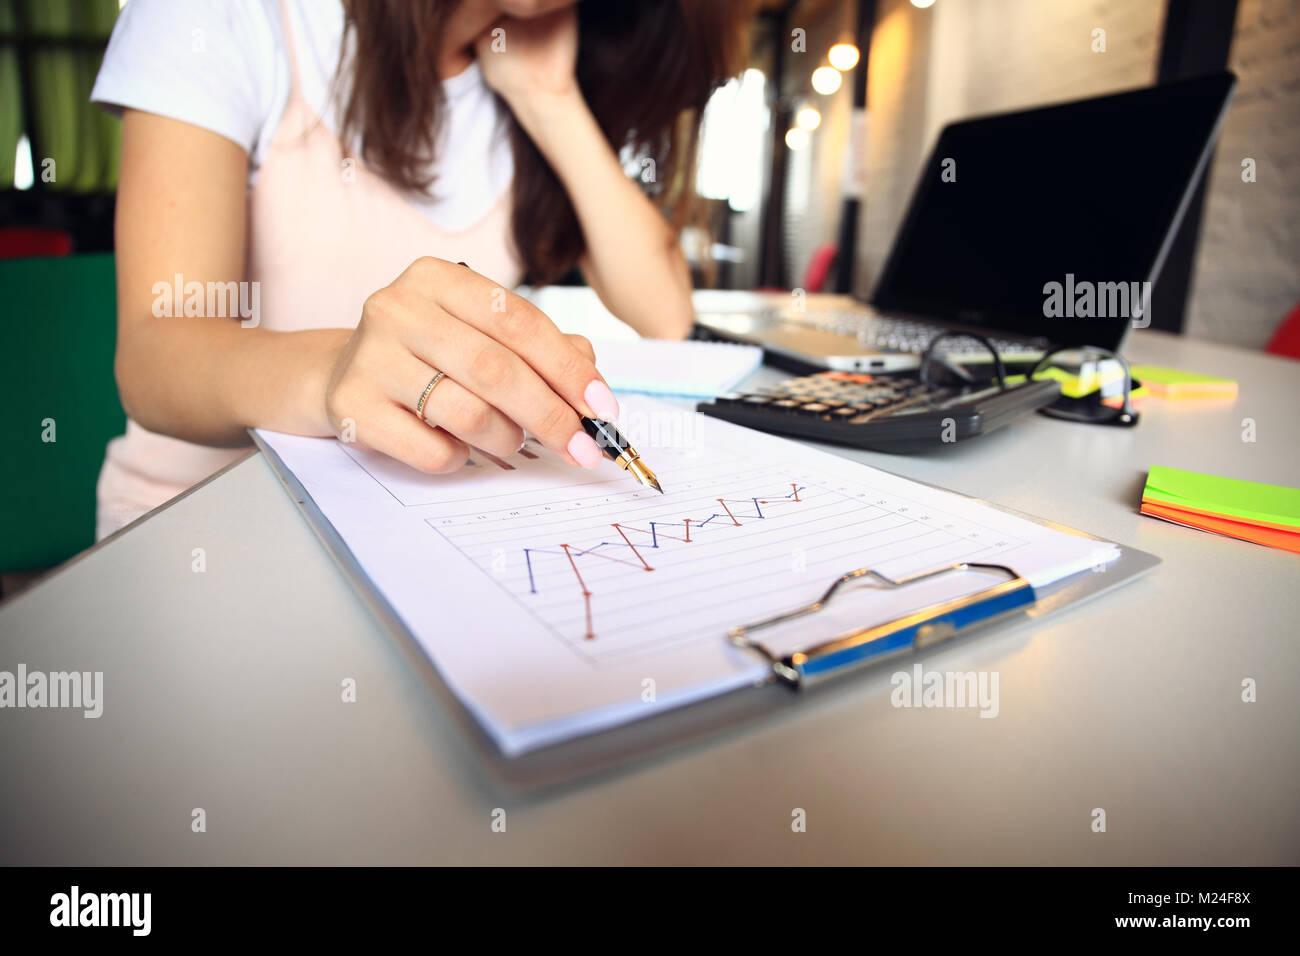 In der Nähe der weiblichen Hand zeigen auf Business Document, während das erklären. Stockbild